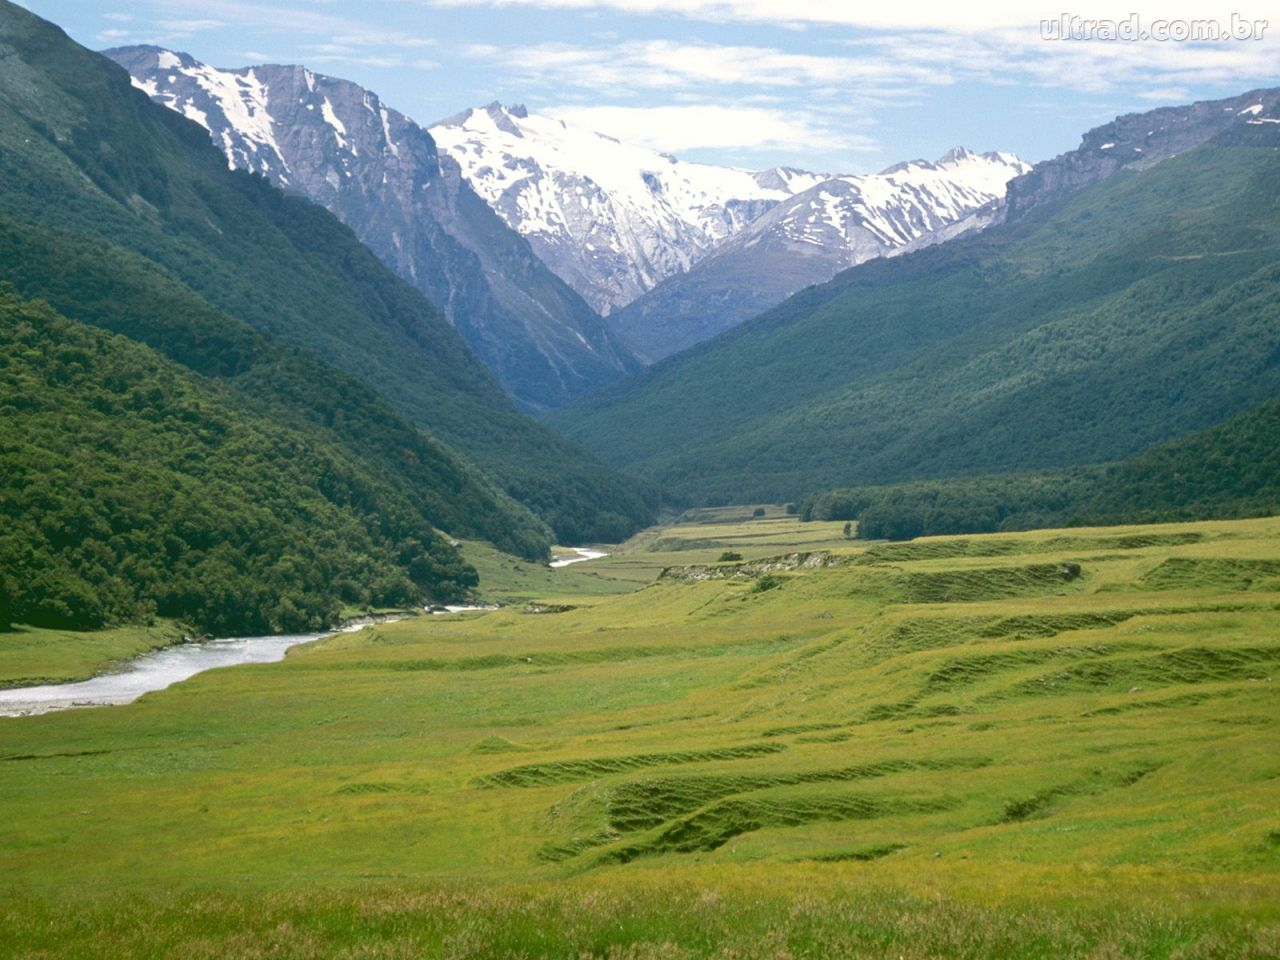 45863_Papel-de-Parede-Planicies-Cattle-Rio-Dart-Nova-Zelandia_1280x960